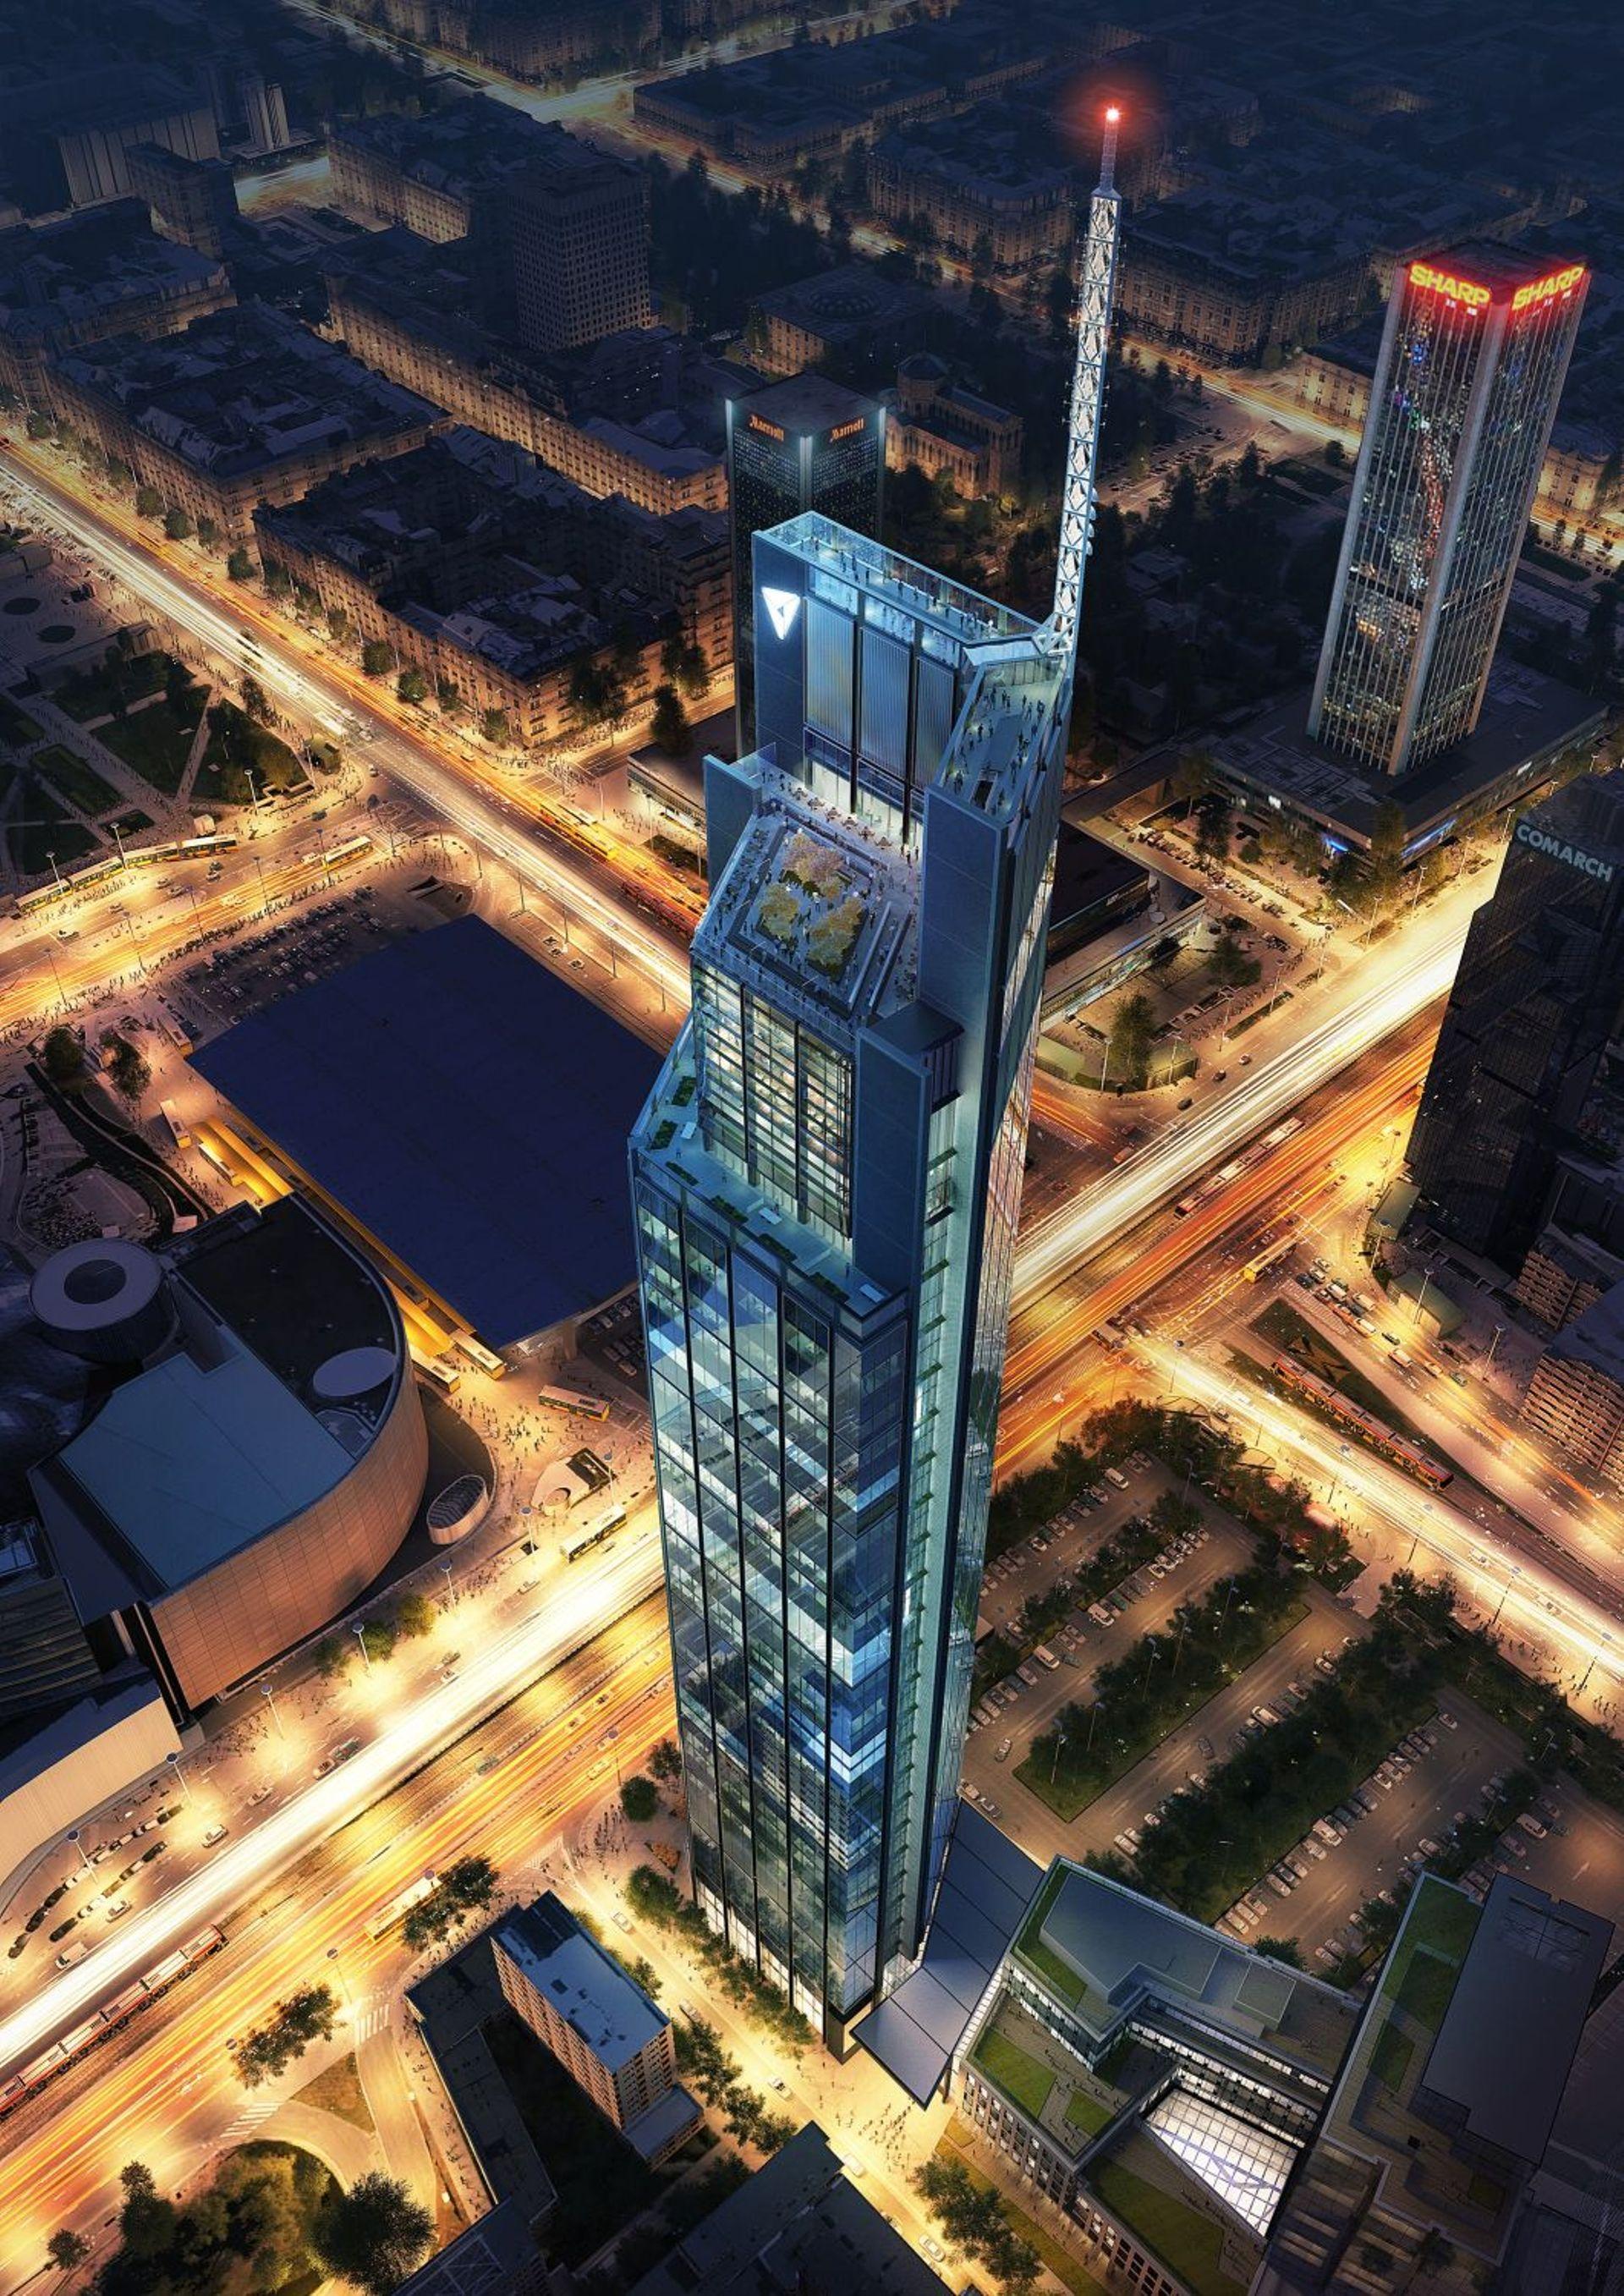 Warszawa: Przy ulicy Chmielnej powstaje Varso Tower – najwyższy budynek w UE [FILM]